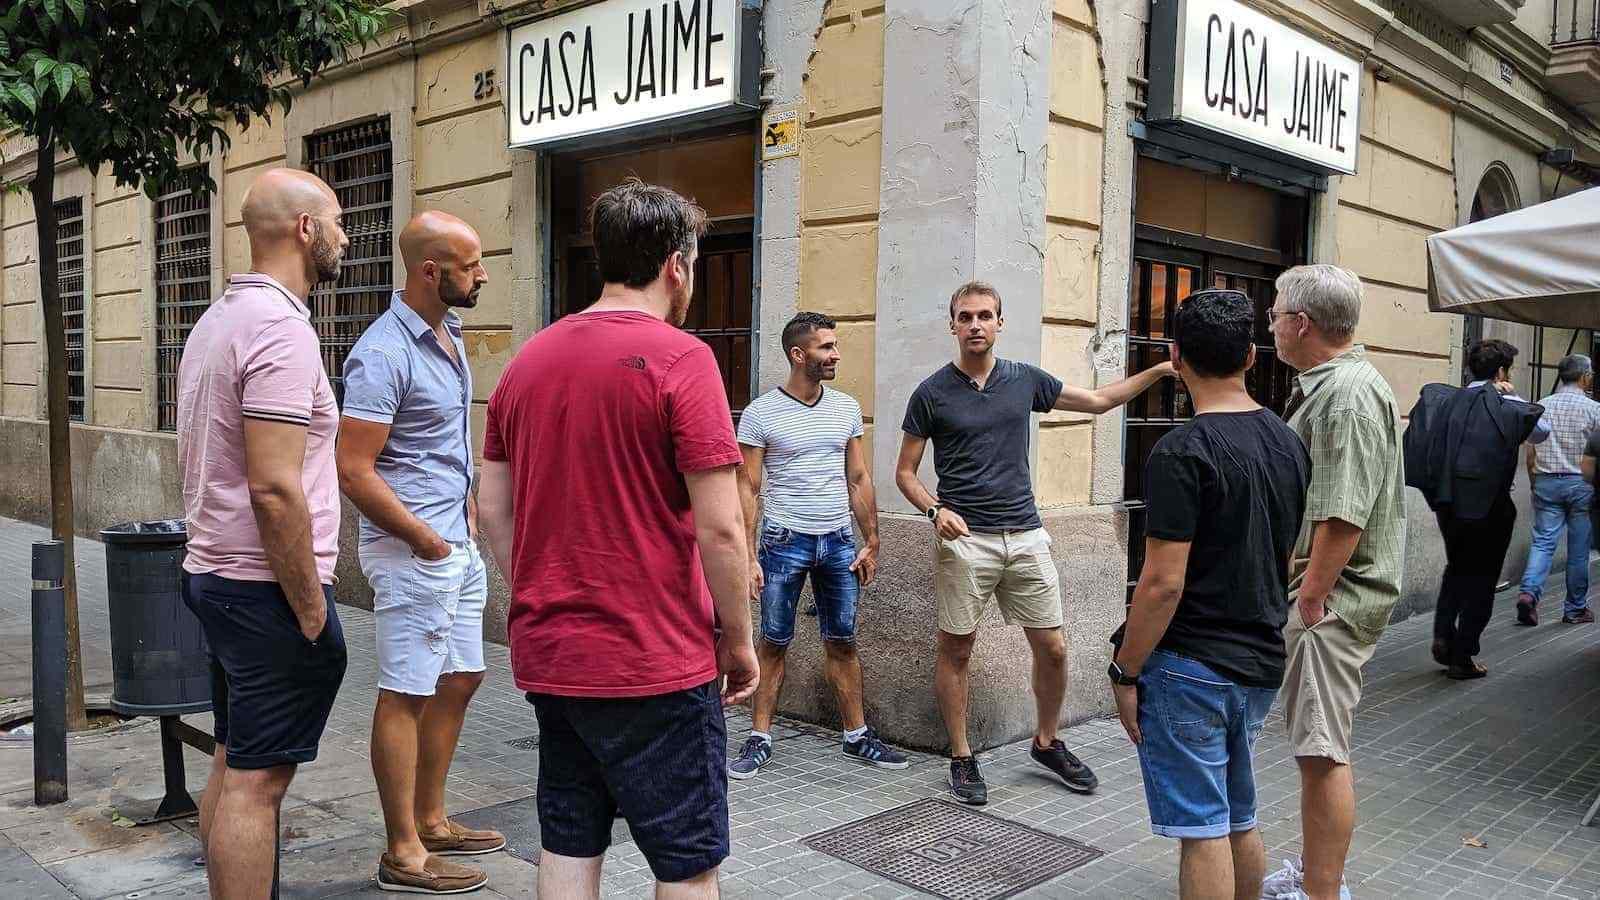 Vous pouvez tout apprendre sur le quartier gay de Barcelone en rejoignant une tournée gay